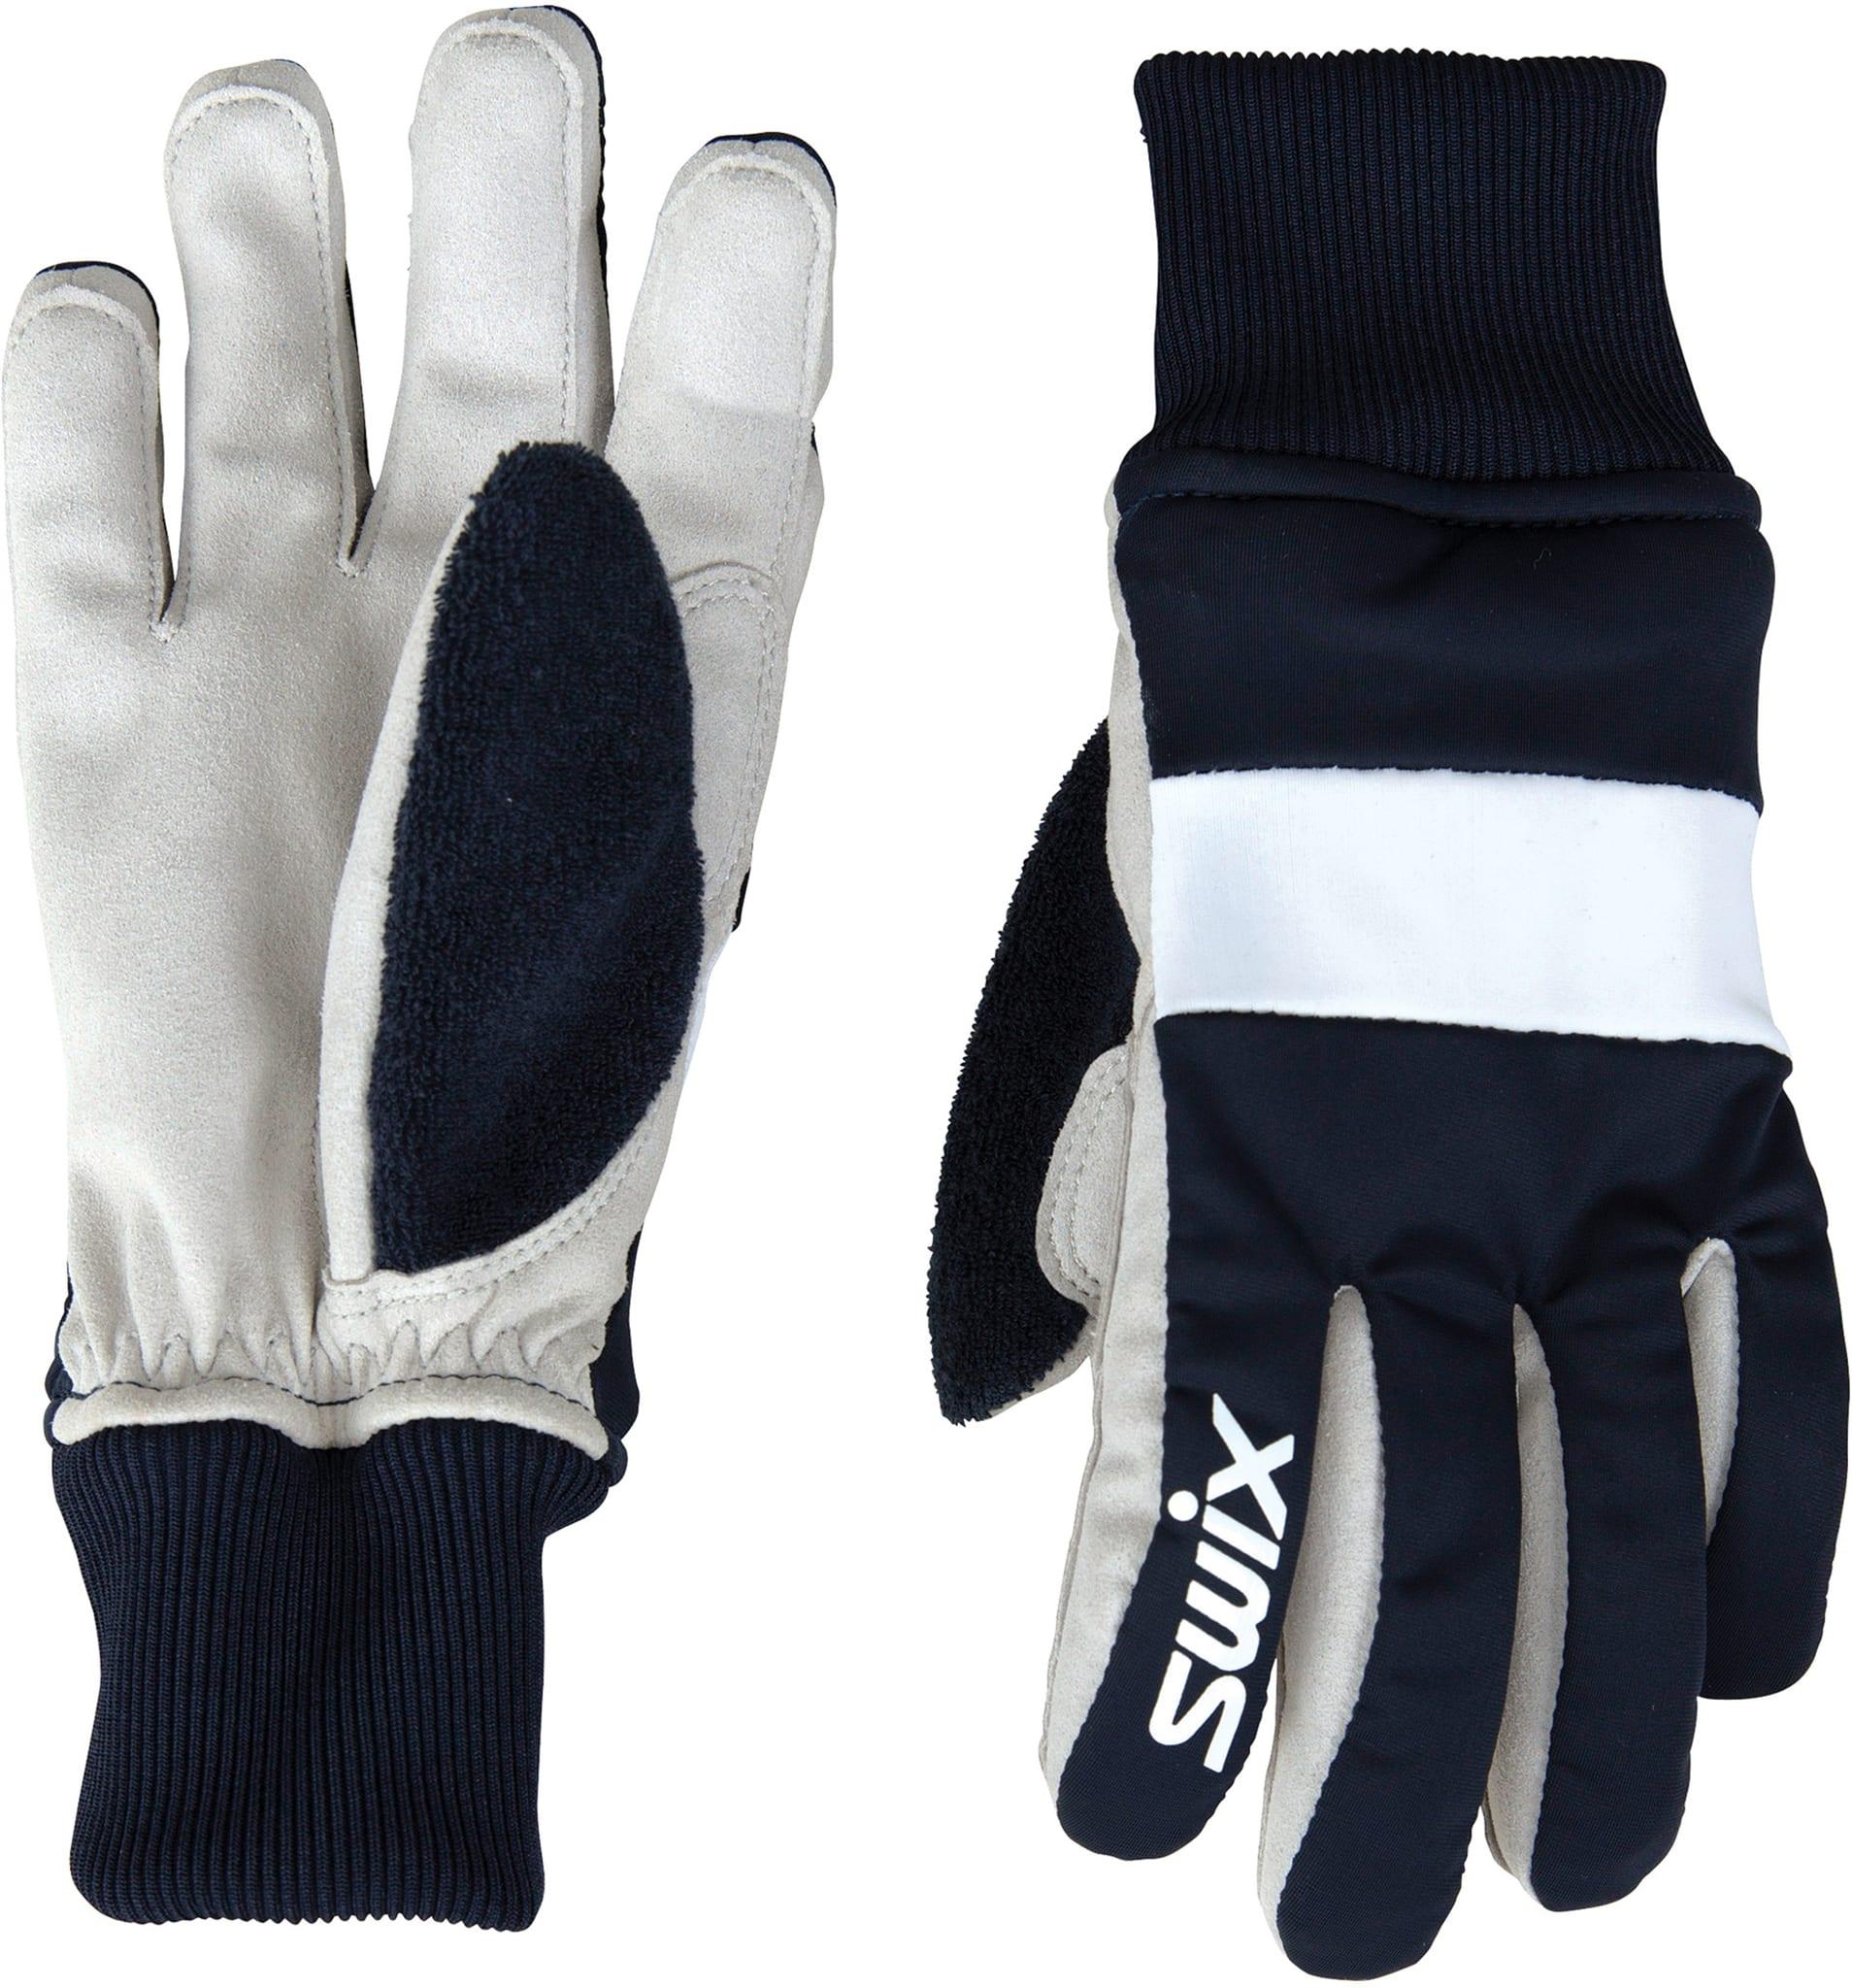 Cross glove Jr